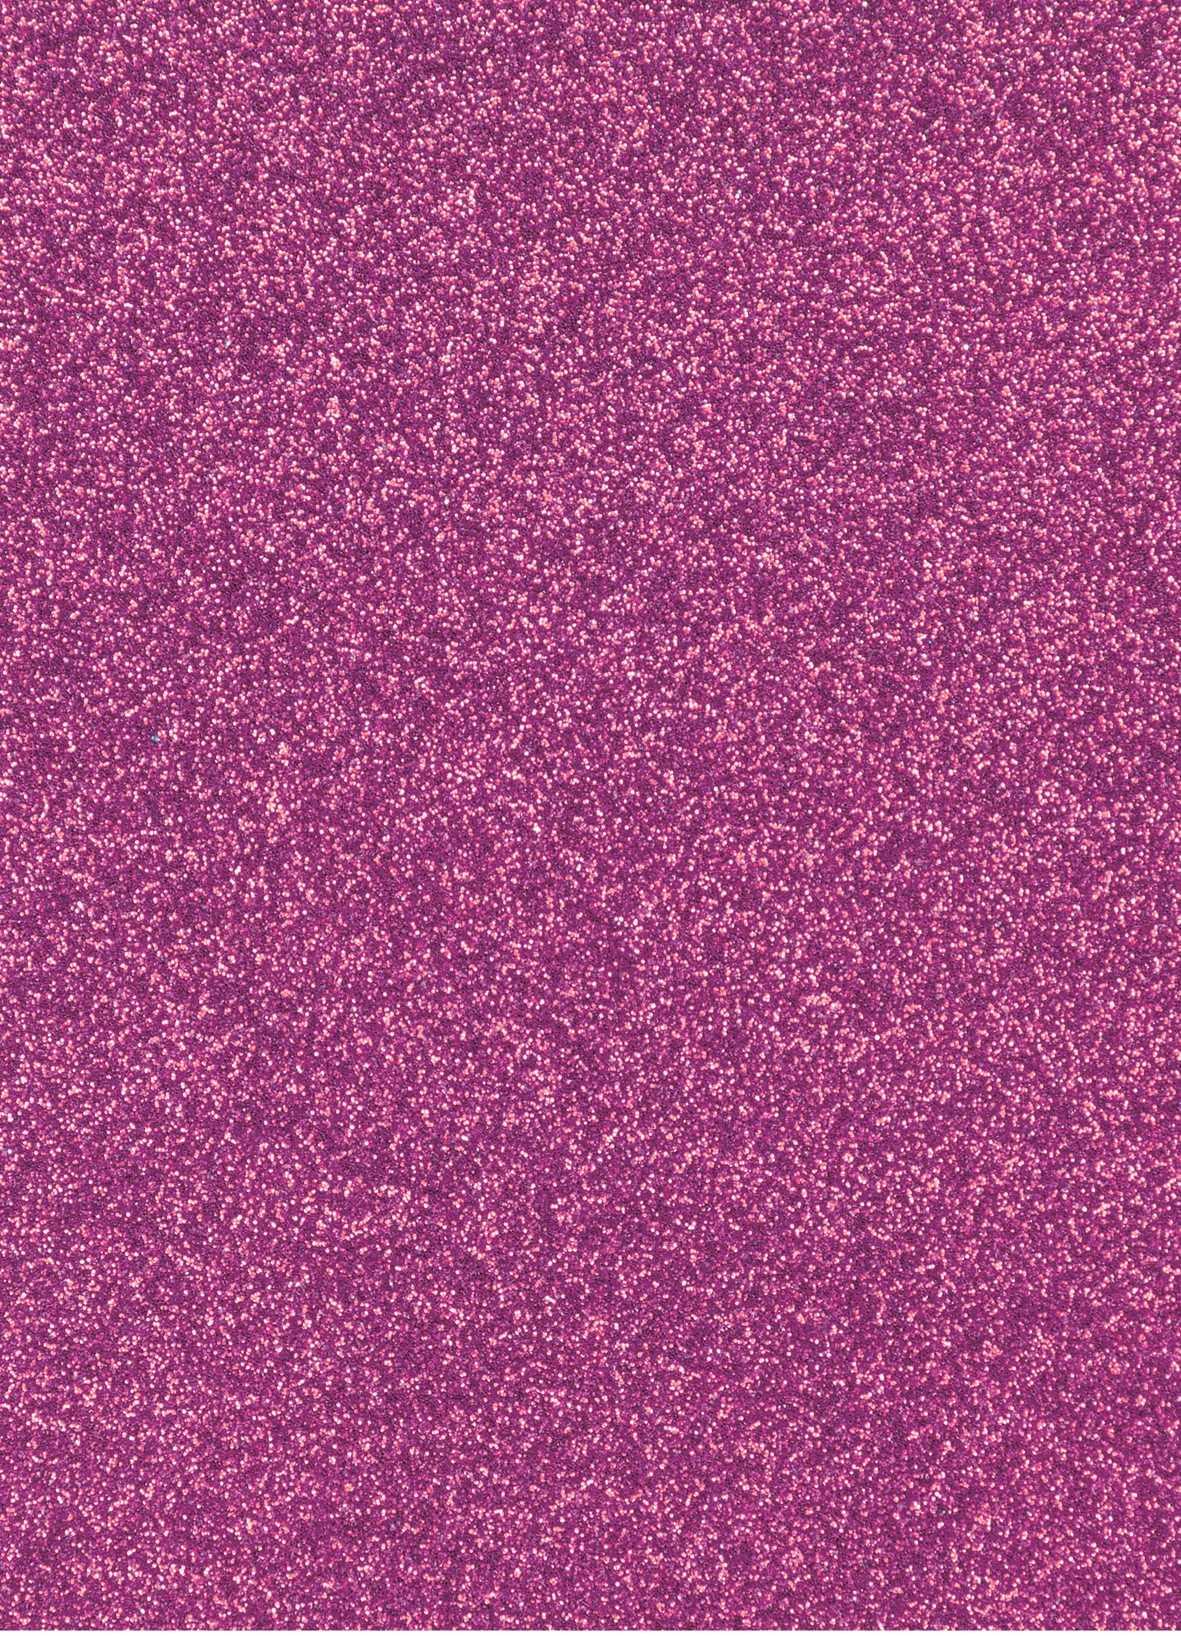 Planche de papier cartonné pailleté - 280g/cm2 - 20 x 30 cms - Violet